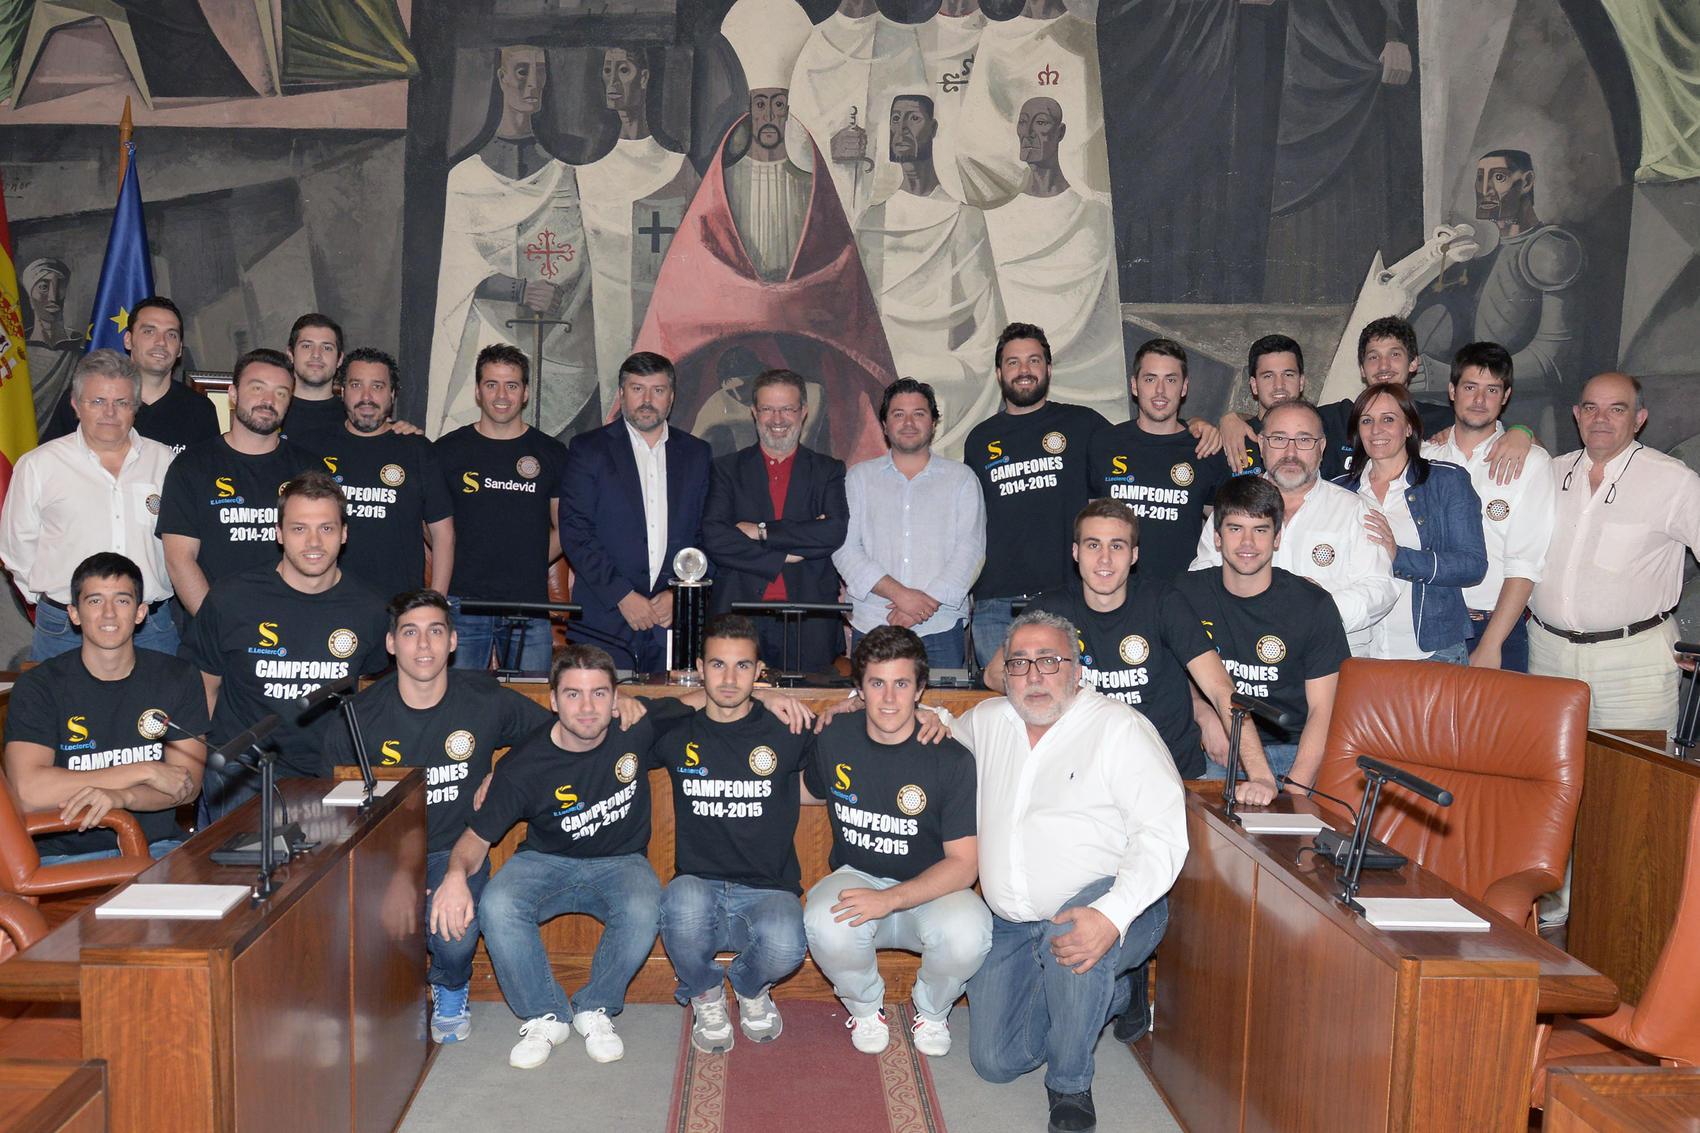 El Presidente de la Diputación recibe al BM Alarcos tras su fase de ascenso a la División de Honor Plata